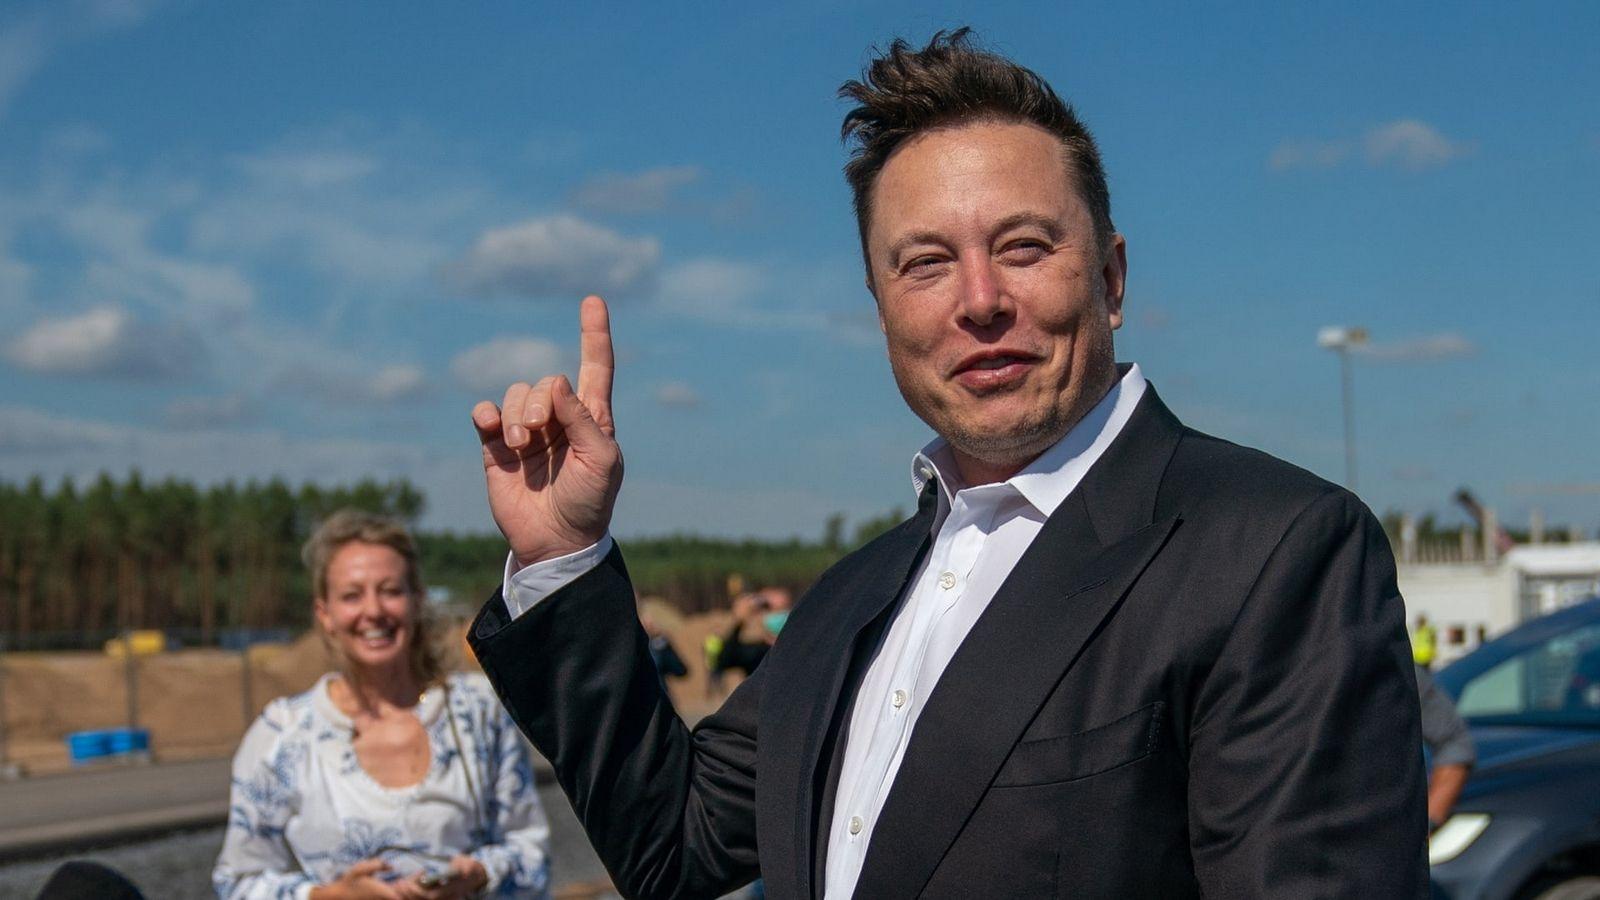 Илон Маск замахнулся на город имени собственной компании (фото)